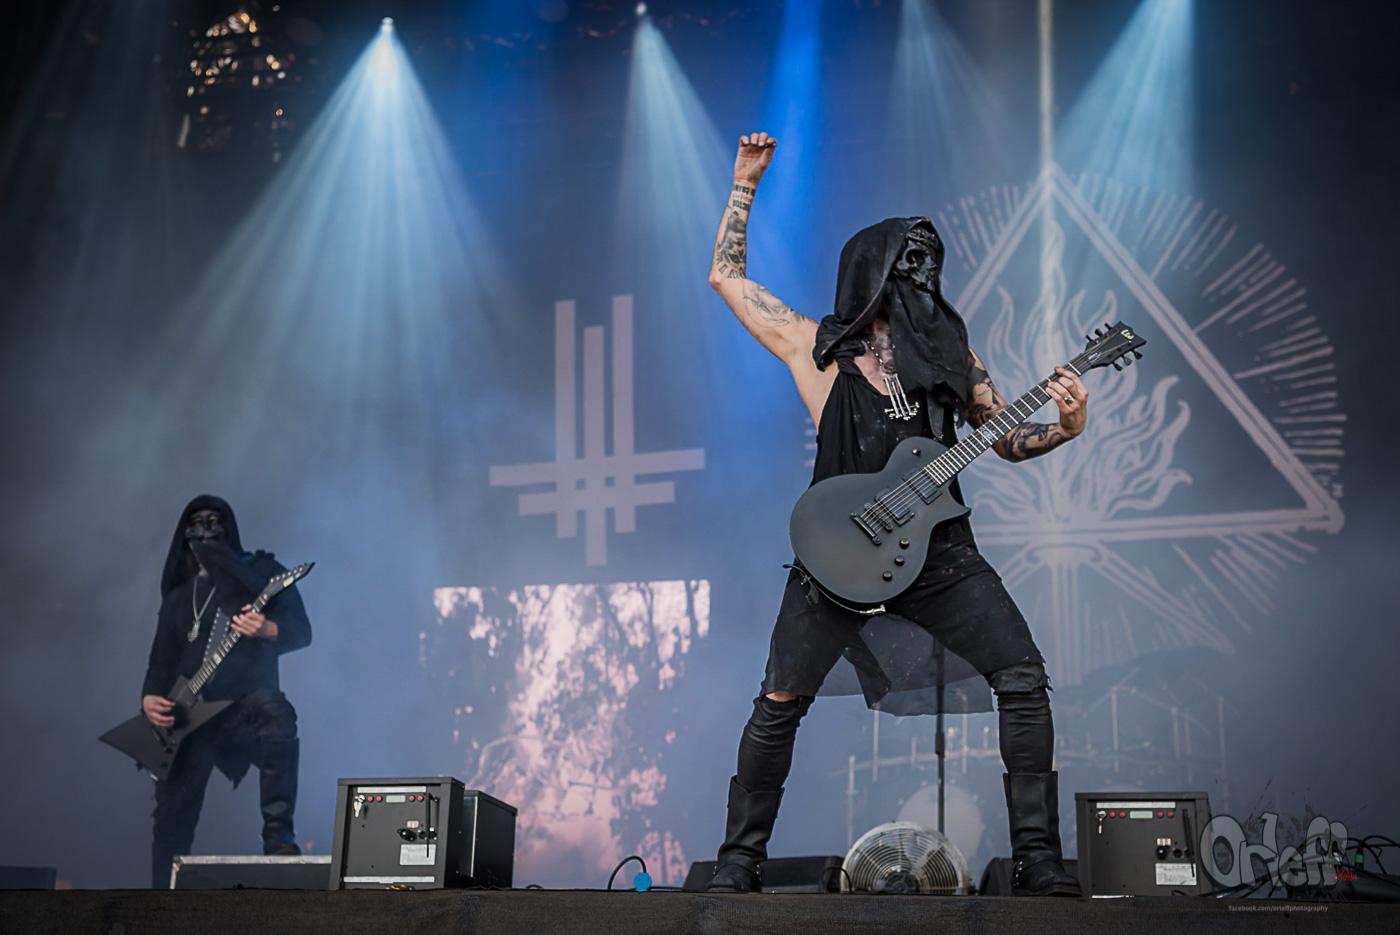 Behemoth @ Nova Rock 2019